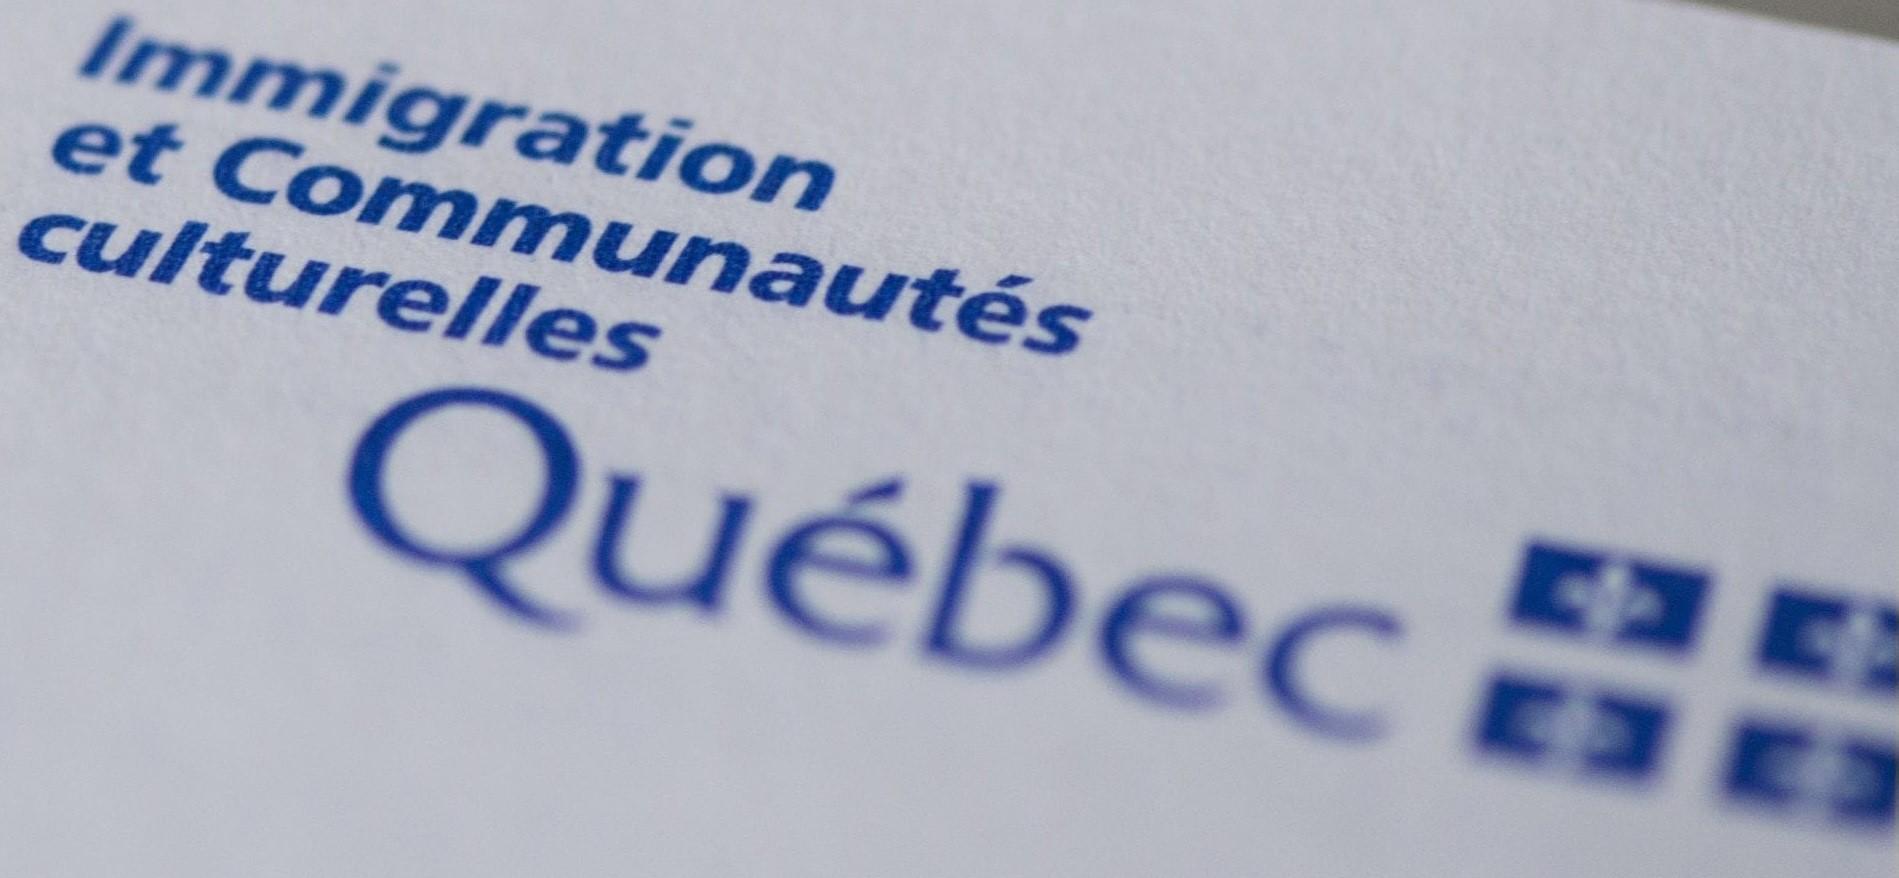 مهاجرت به کبک، موضوع داغ مناظرههای انتخاباتی .THE CANADIAN PRESS IMAGES/Sheila Boardman.